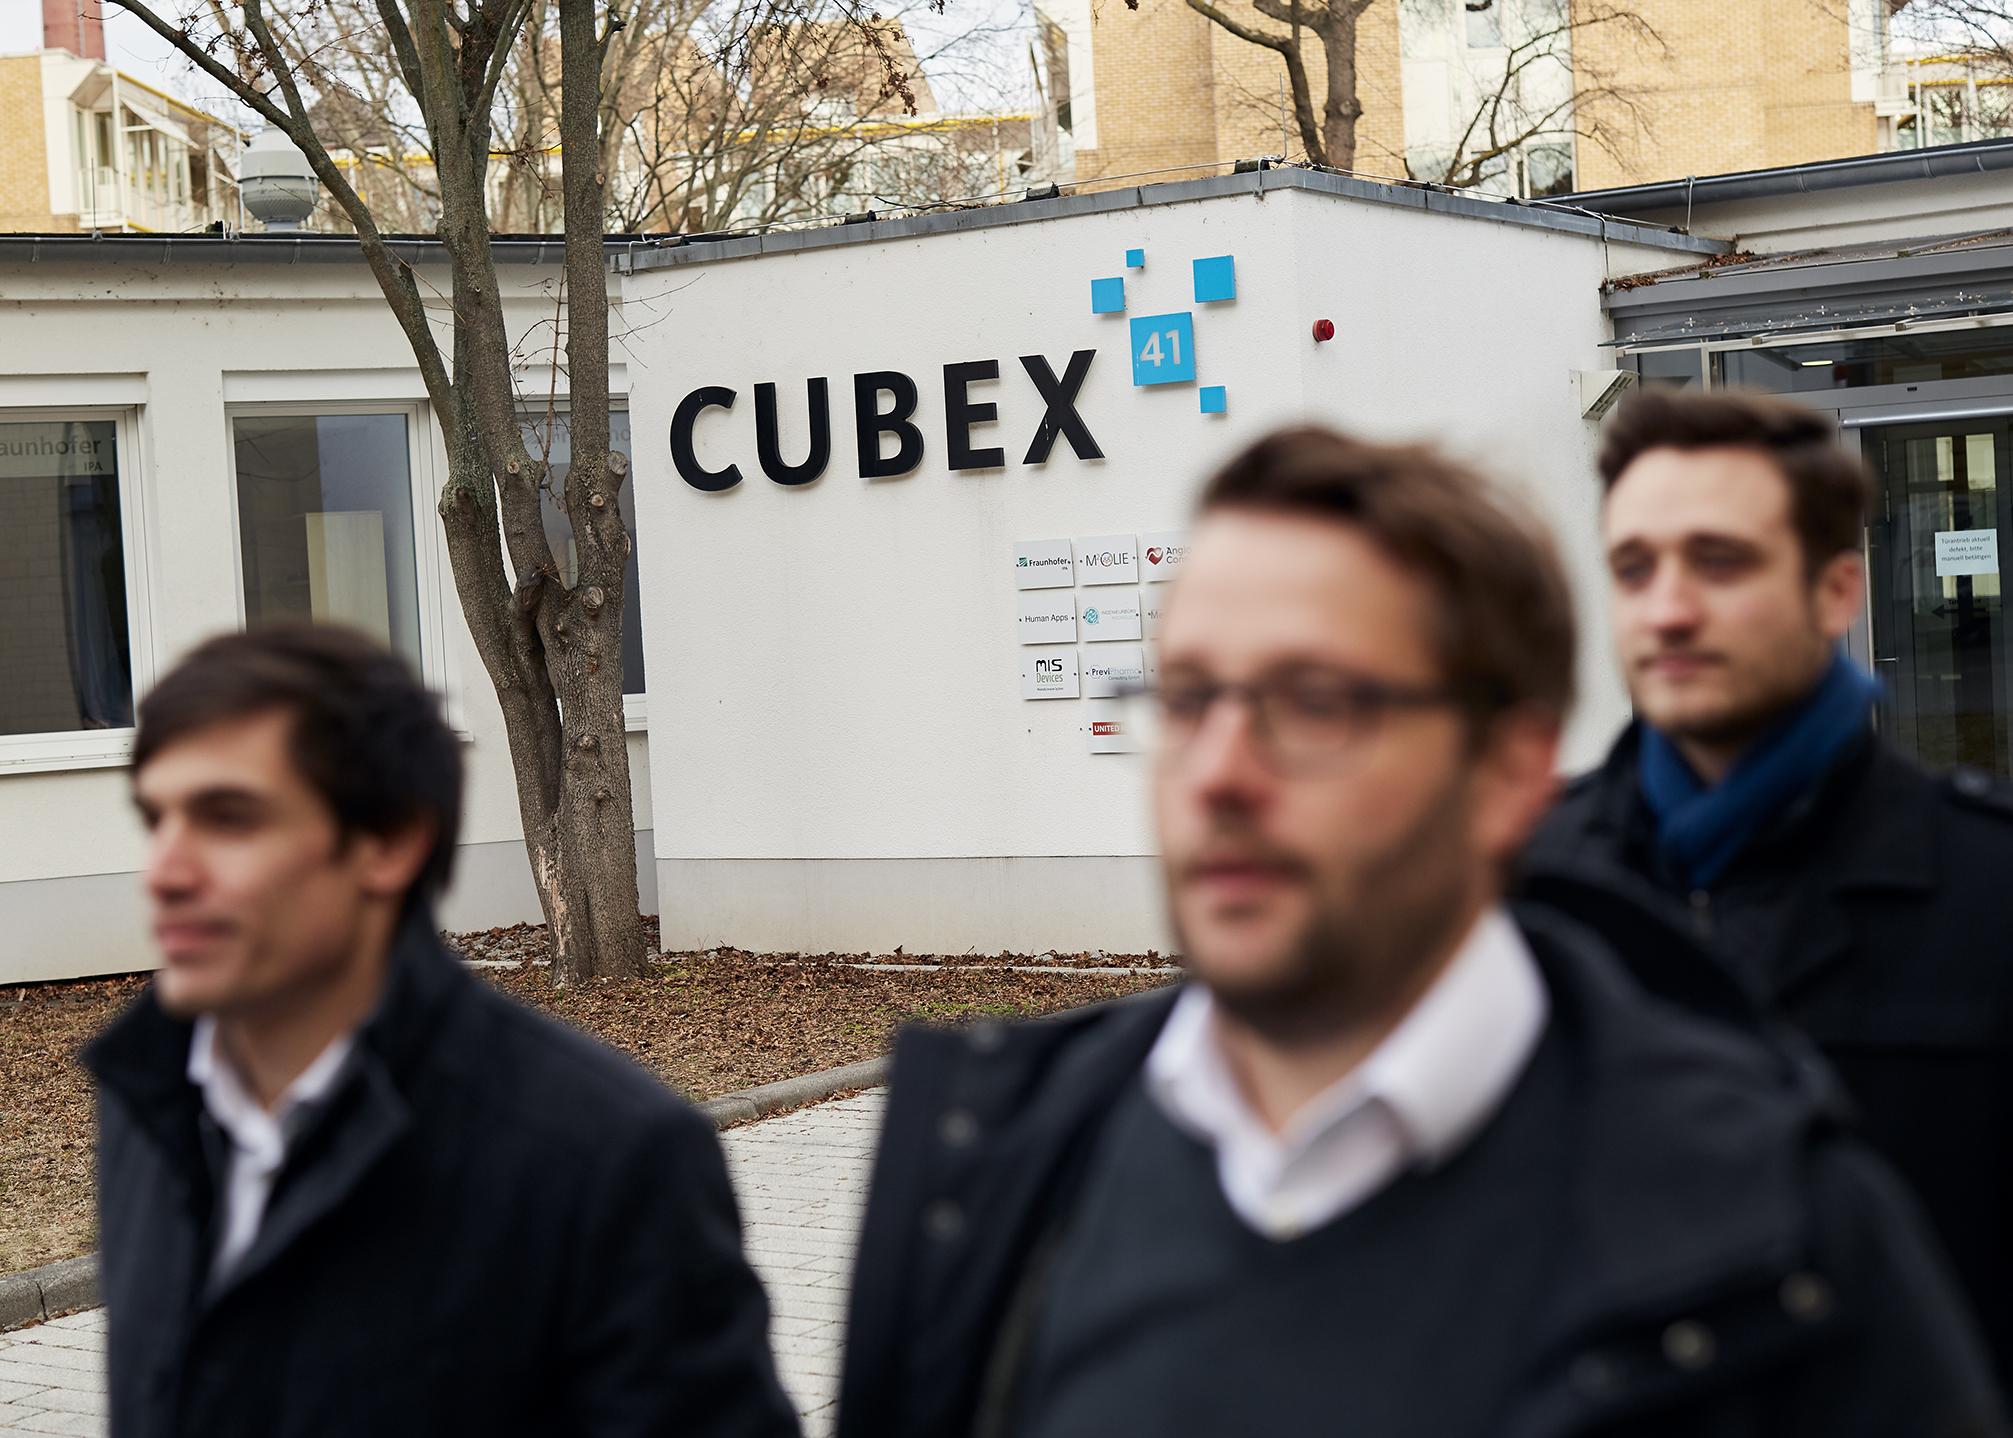 Das Cubex ist nationaler Hotspot für Med-Tech-Gründungen